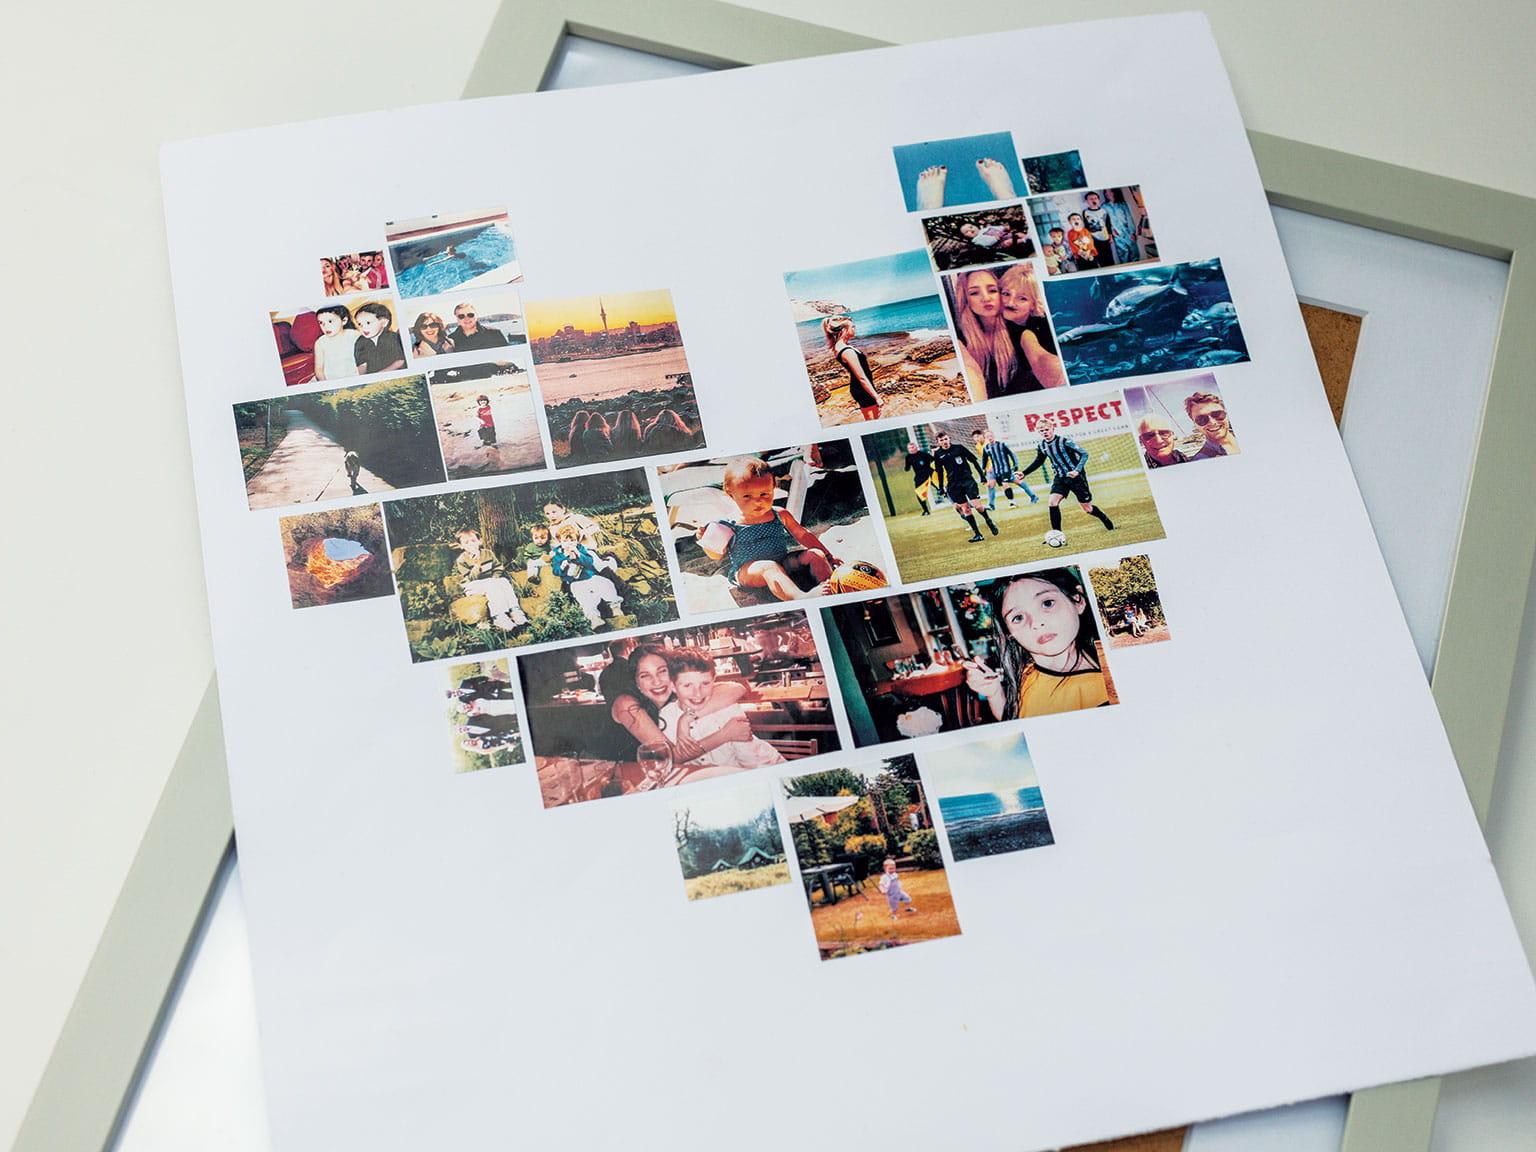 Utskrift av fargerike etiketter formet som et hjerte med en fotoramme under utskriften